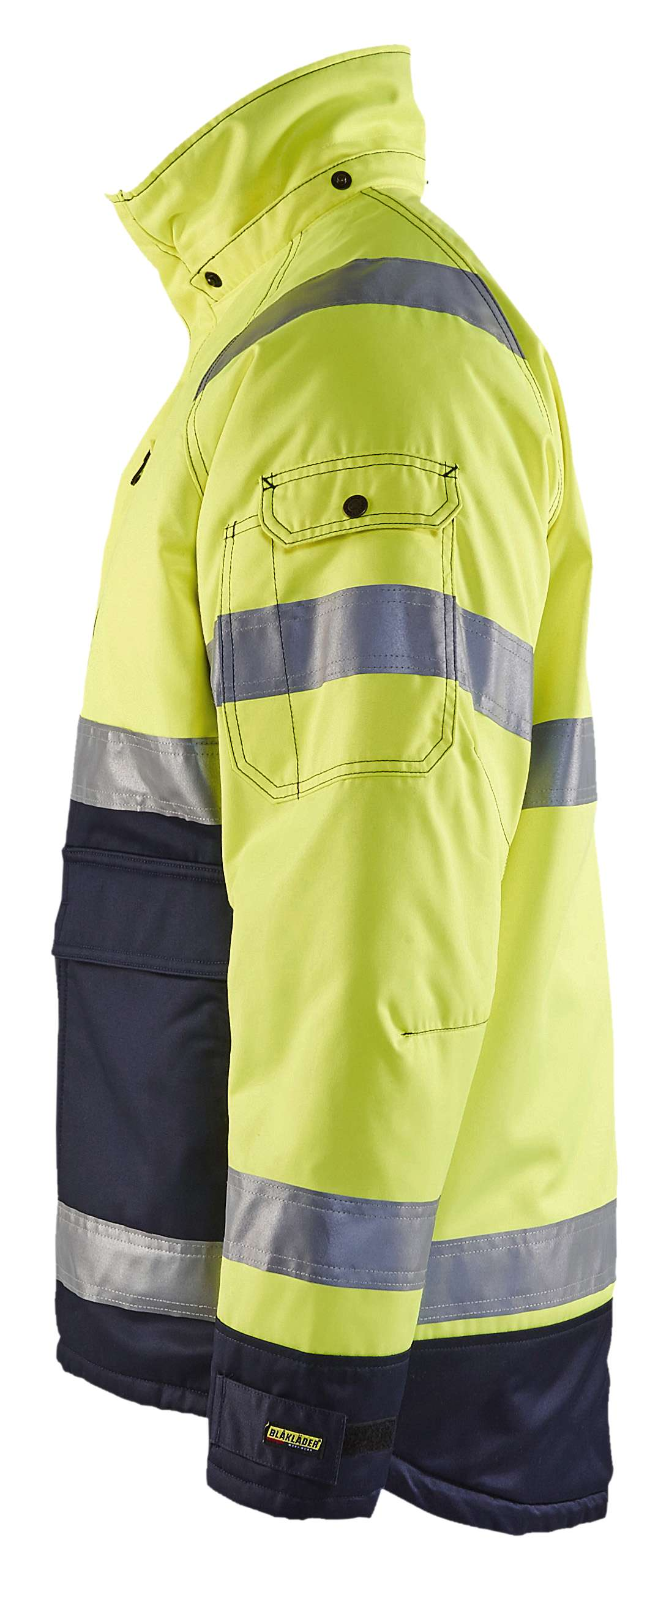 Blaklader Jassen 48281900 High Vis geel-marineblauw(3389)